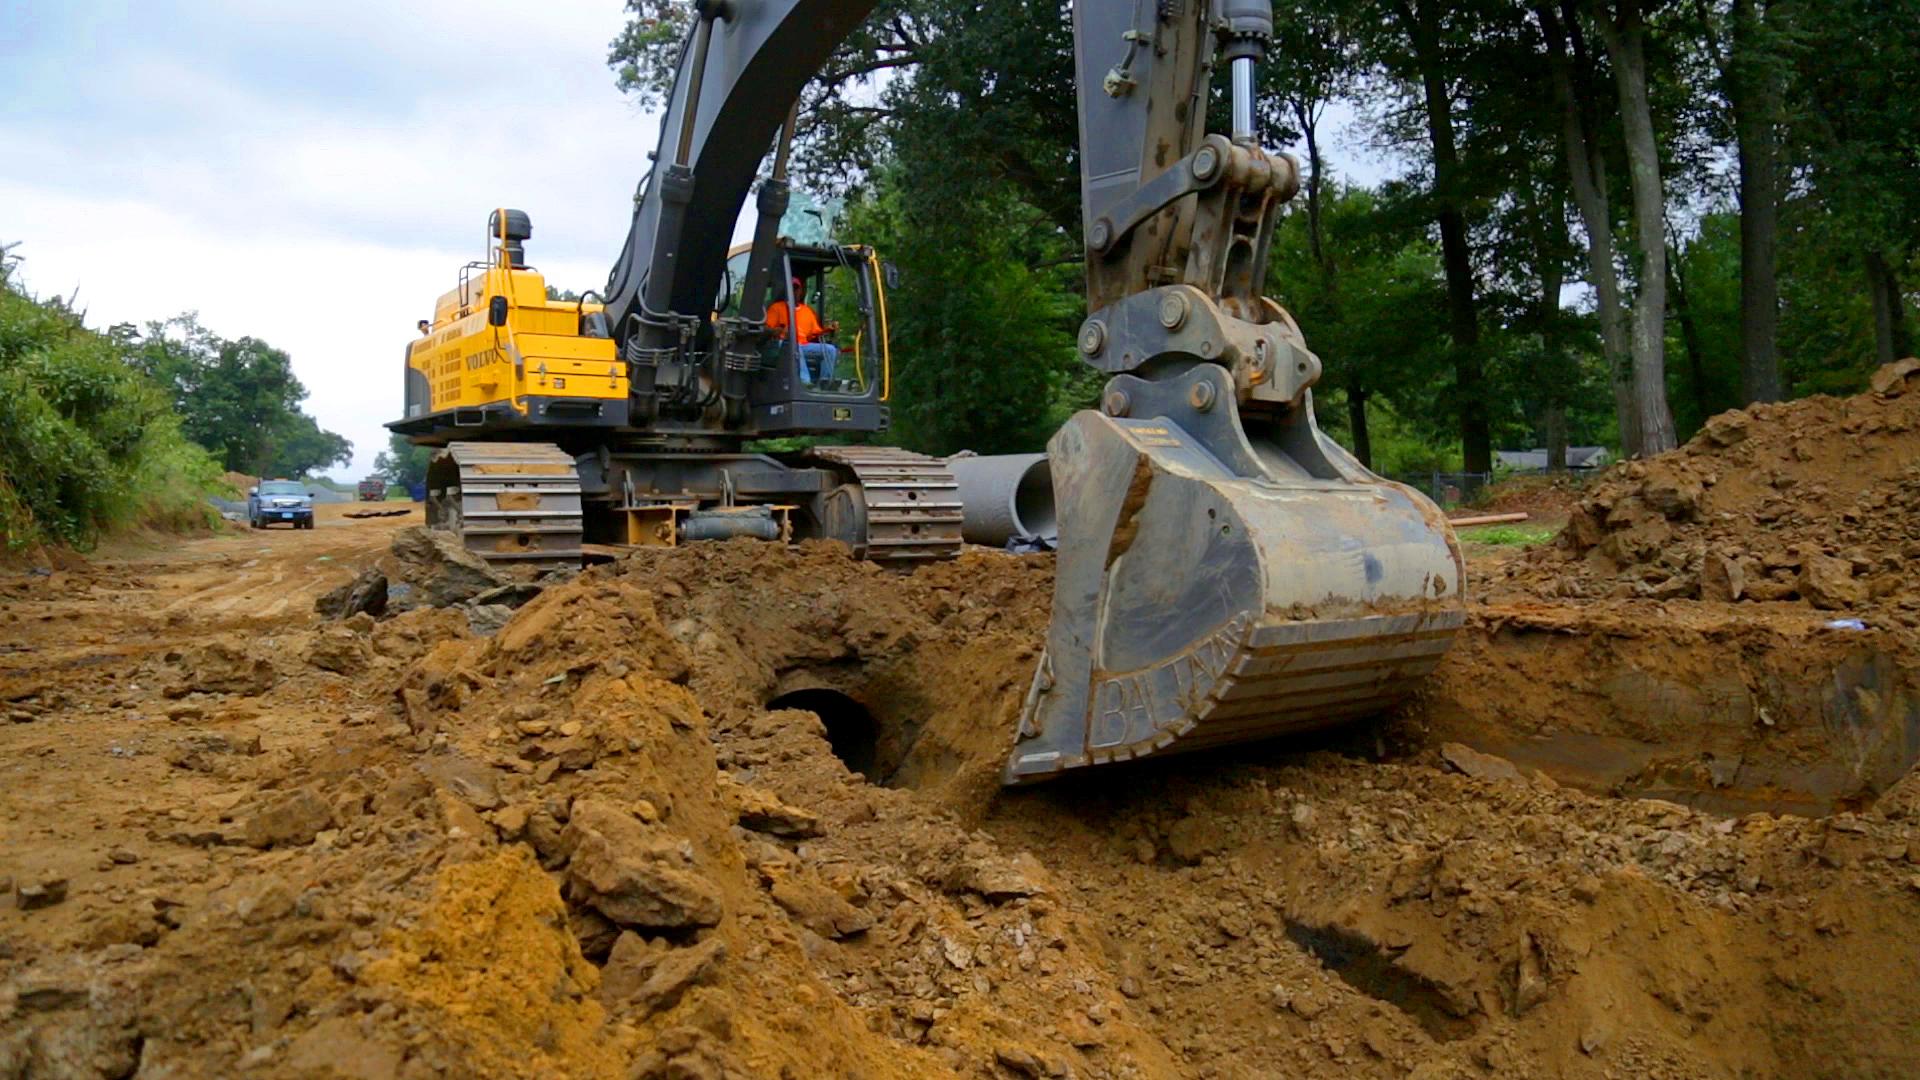 Excavator Durability - Digging